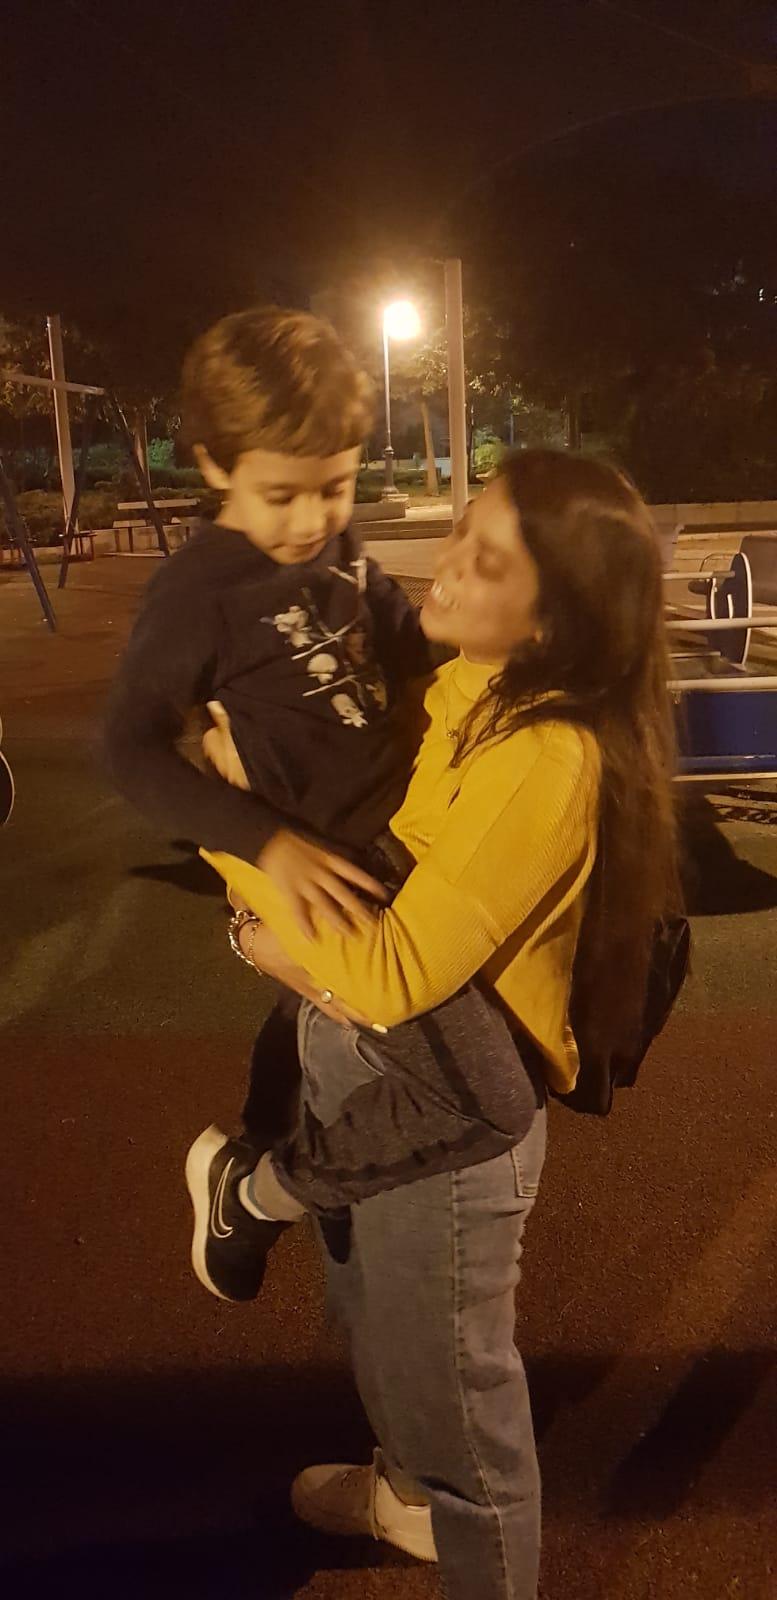 משמחים ילדים עם אוטיזם